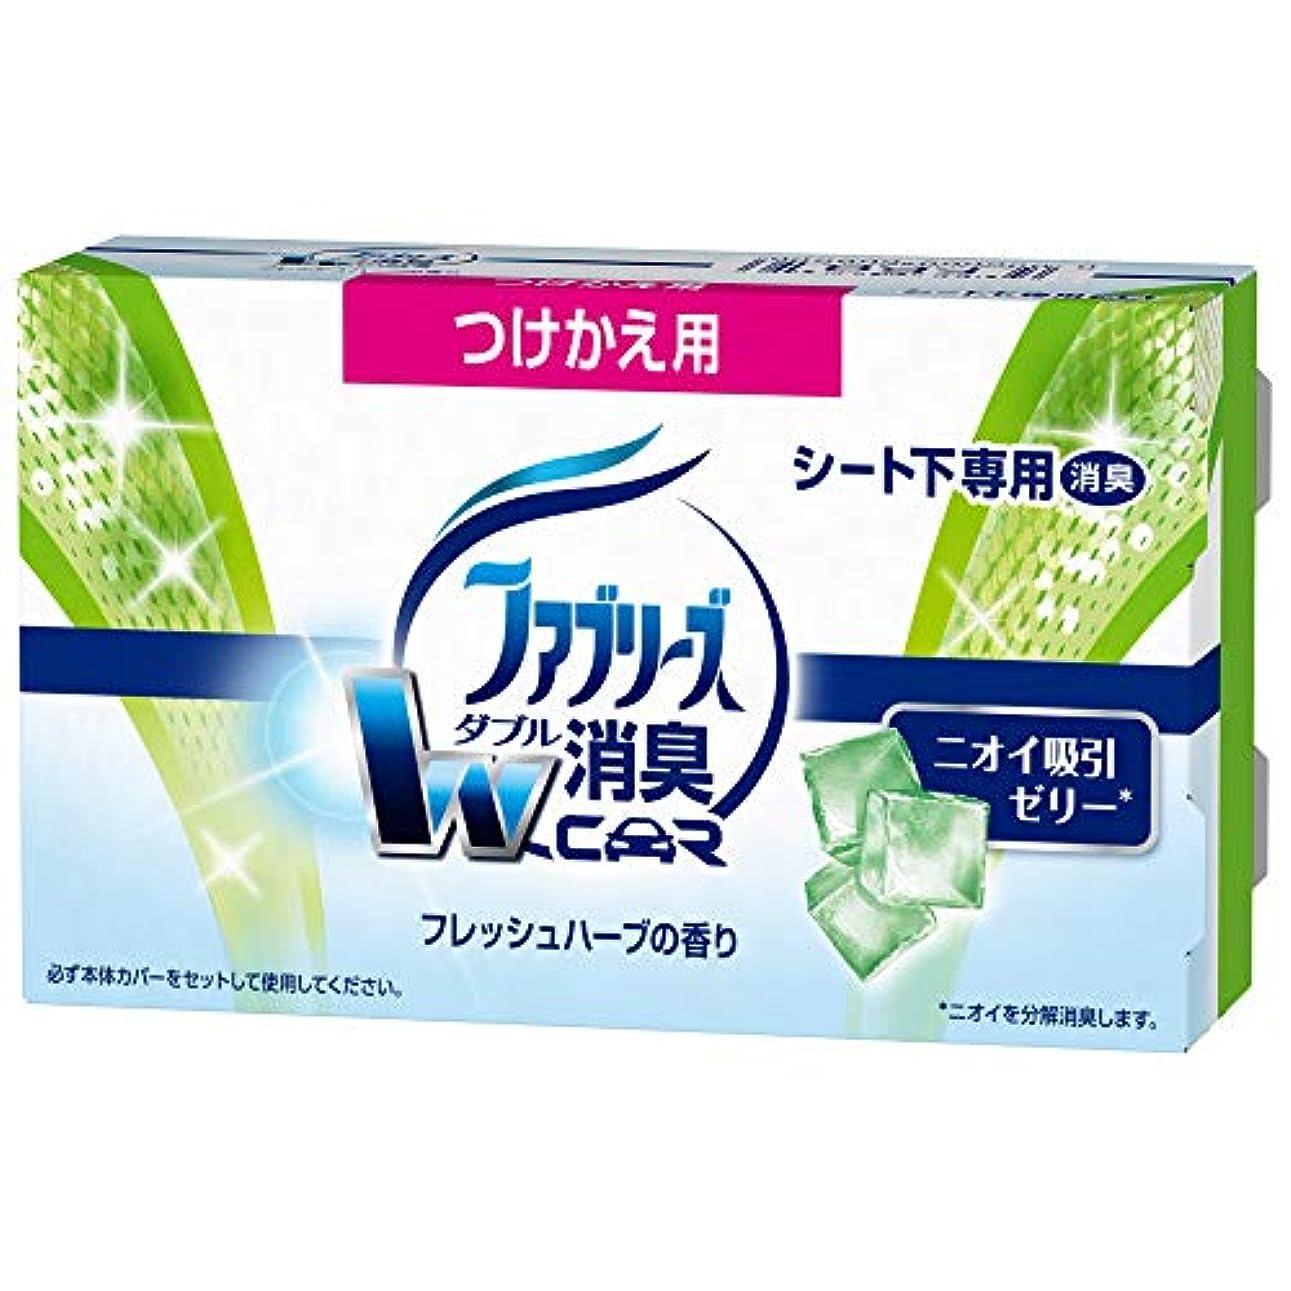 炭素アーク無条件ファブリーズ 芳香剤 置き型 車用 フレッシュハーブの香り つけかえ用 130g